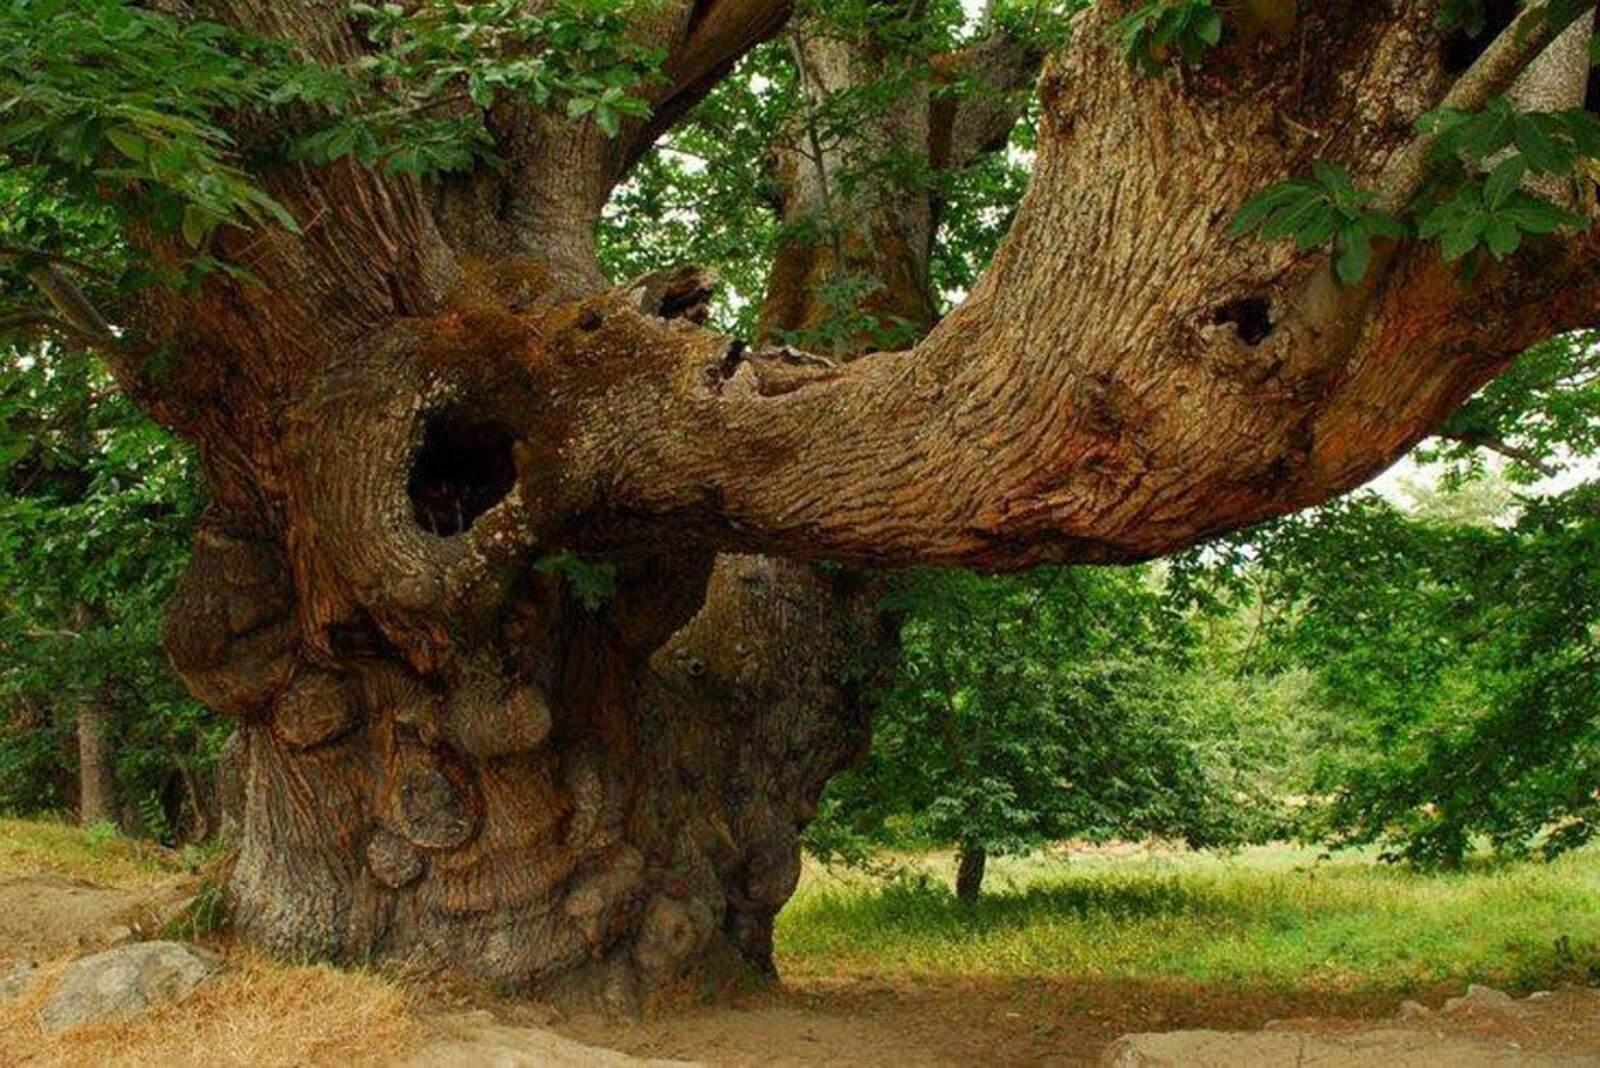 Els arbres milennaris són un dels espectacles més grans del món vegetal